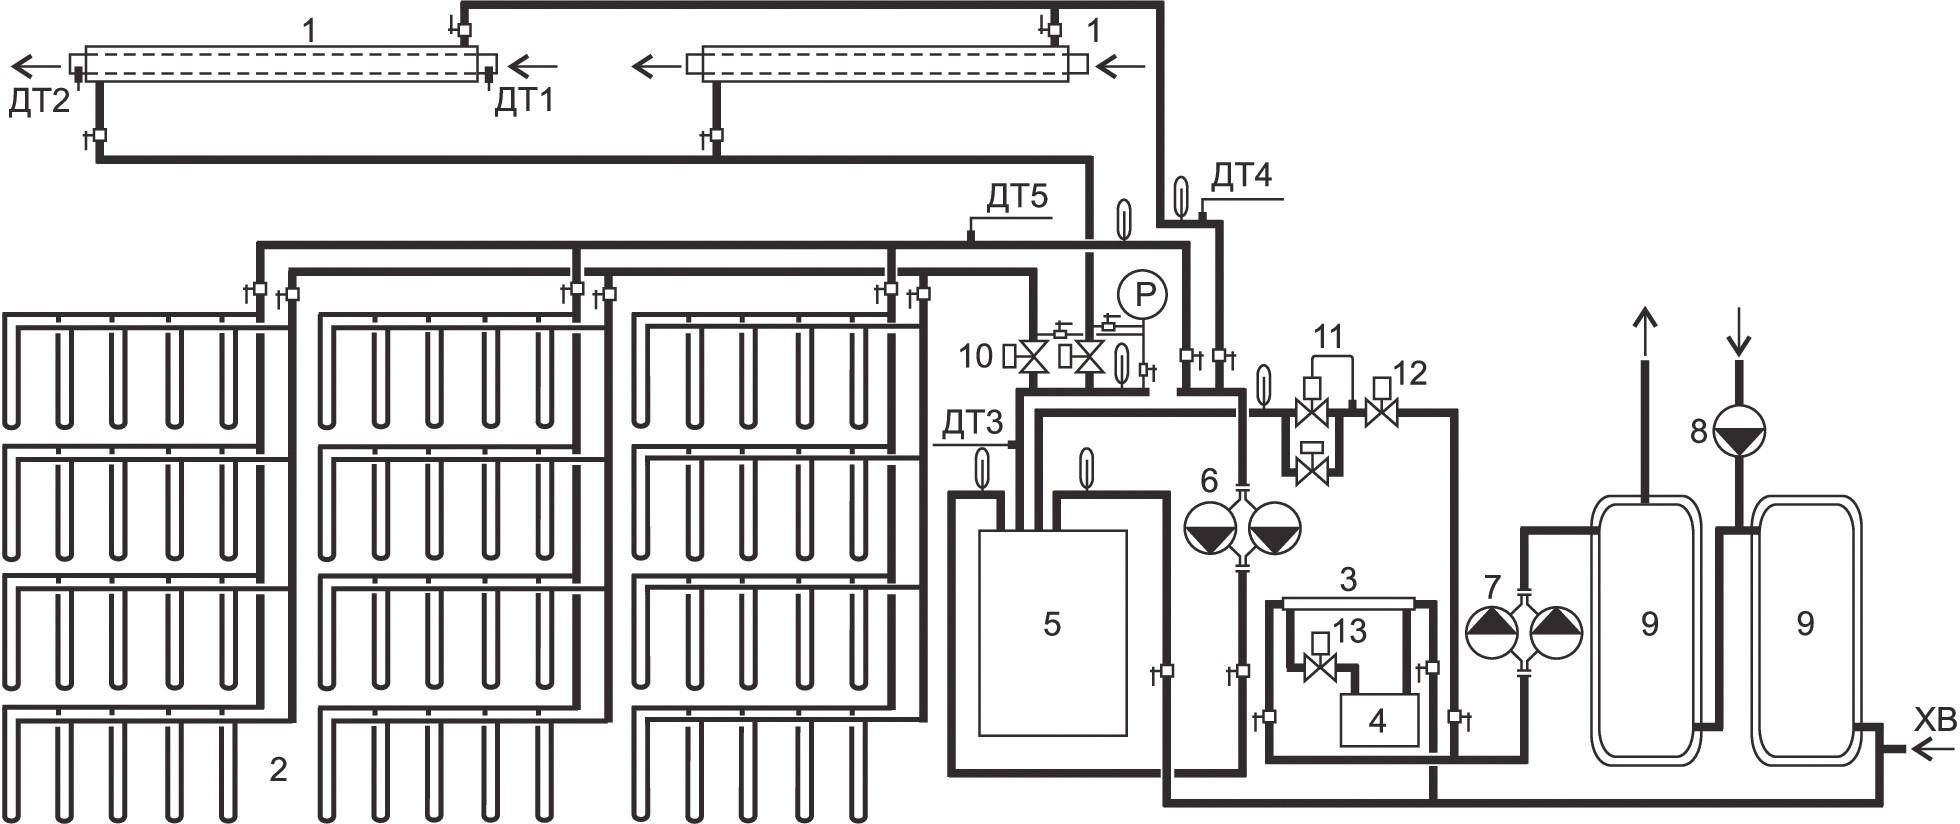 схема испытательного стенда опытной установки